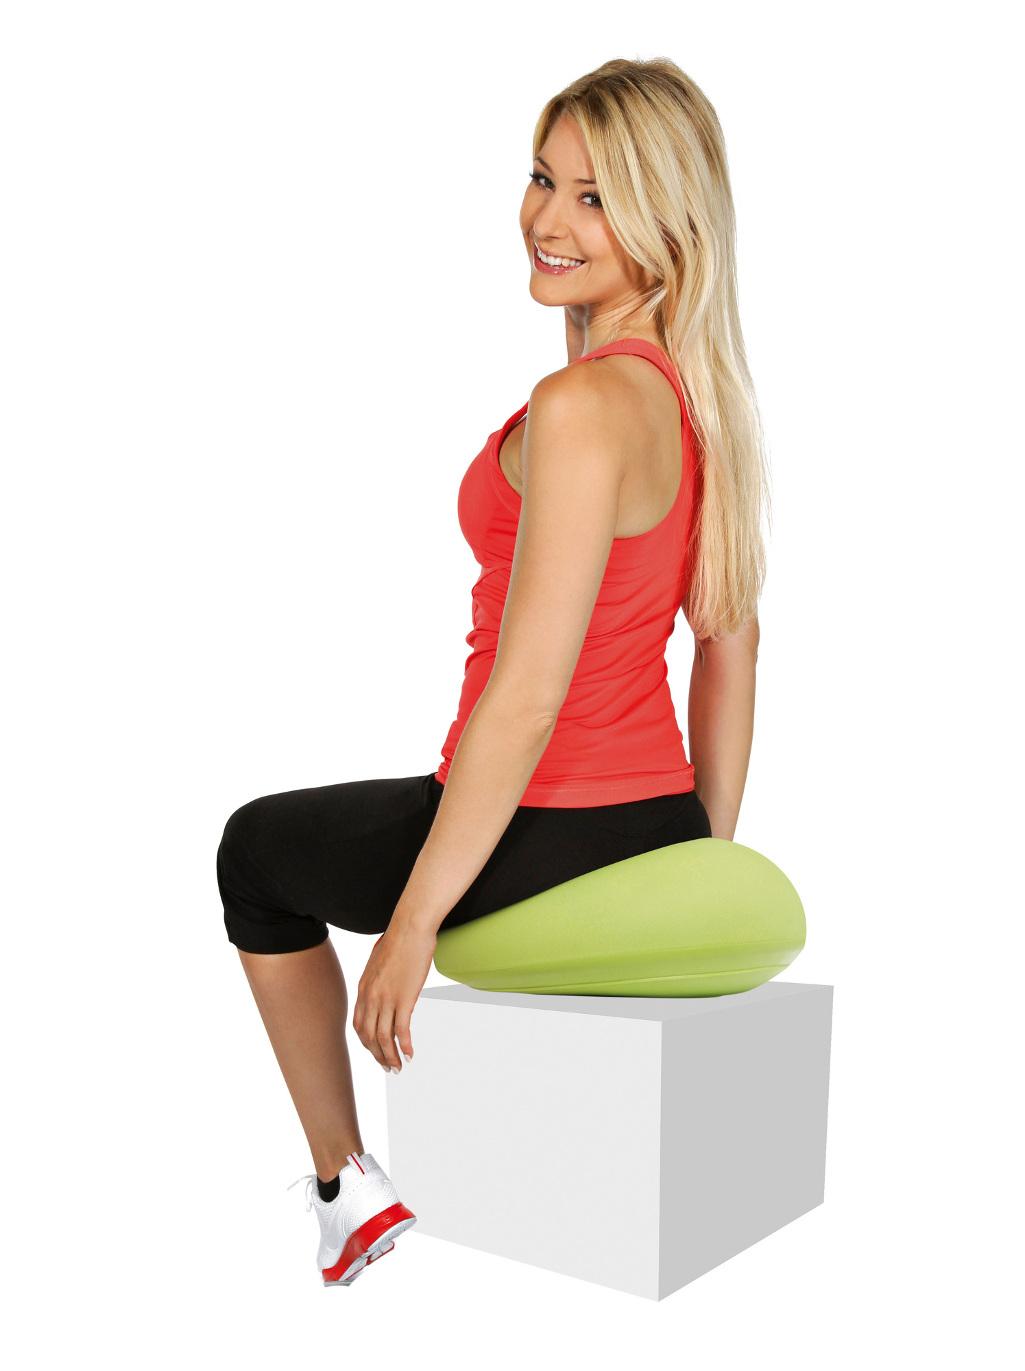 Halfball Plus Kissen luftgefülltes Sitzkissen für Fitnessübungen